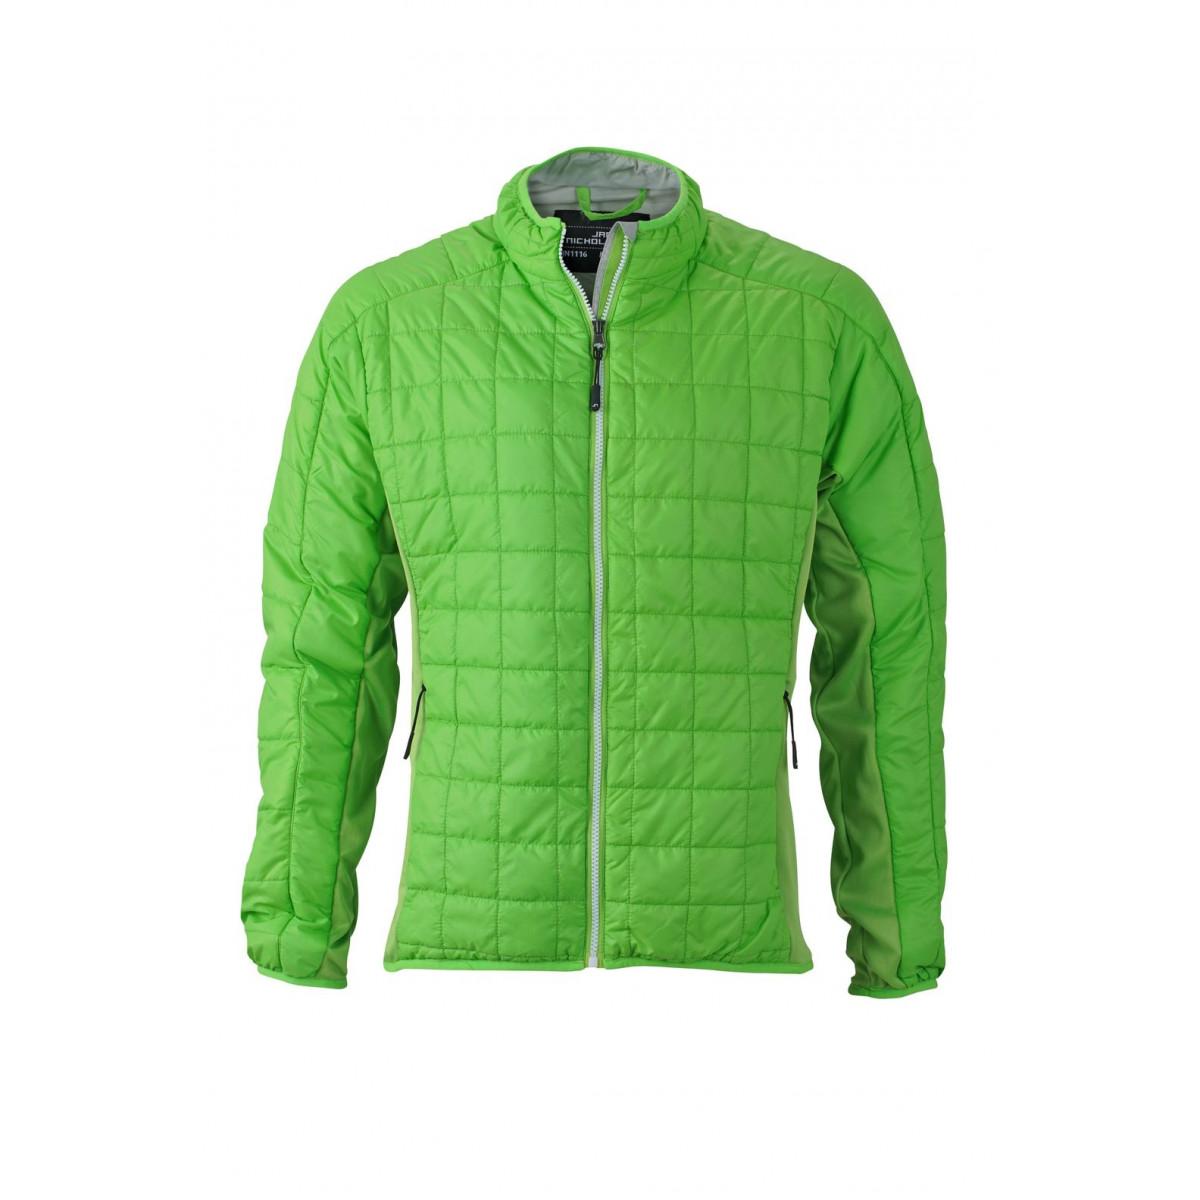 Куртка мужская JN1116 Mens Hybrid Jacket - Насыщенный зеленый/Серебряный